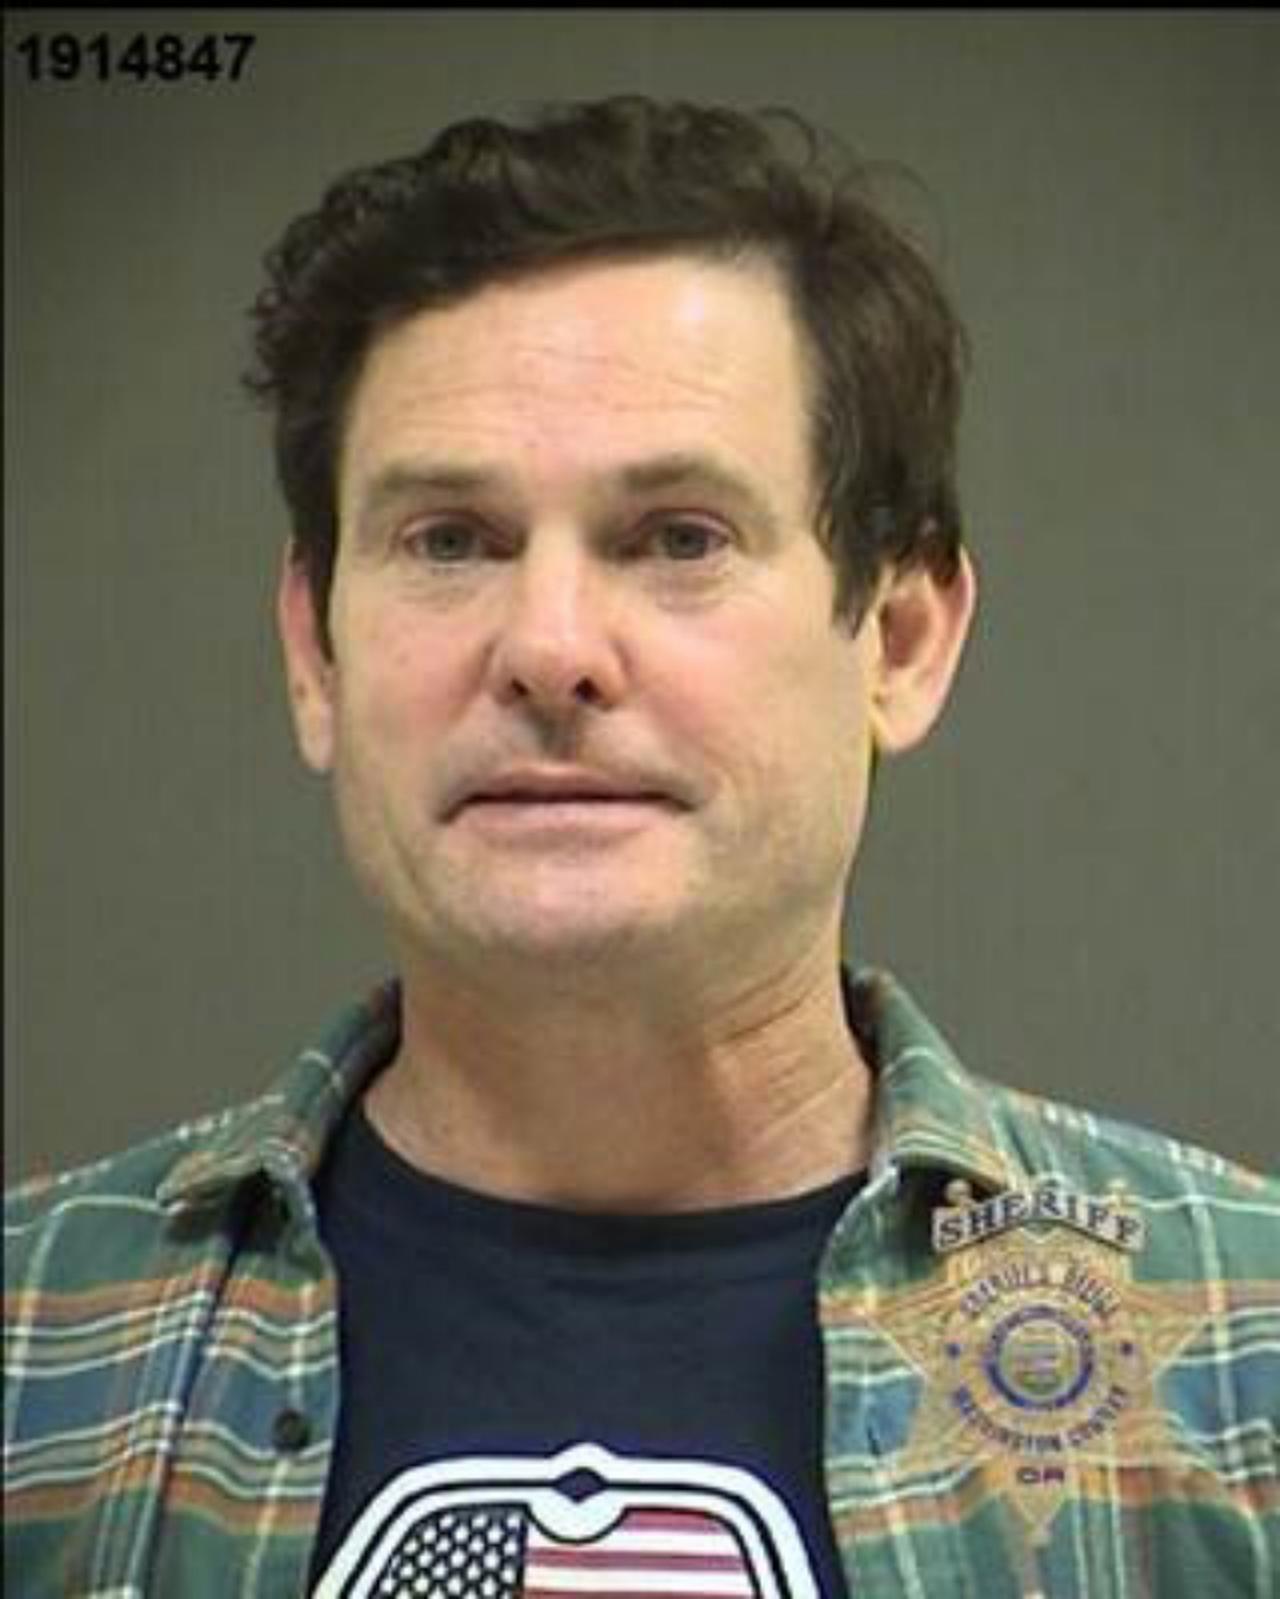 画像: 現地警察が公開したヘンリー・トーマスの逮捕写真。交差点に立ち往生した車の中で酒に酔ったヘンリーが気絶するように眠っているのが発見され、そのまま駆けつけた警察により逮捕された。